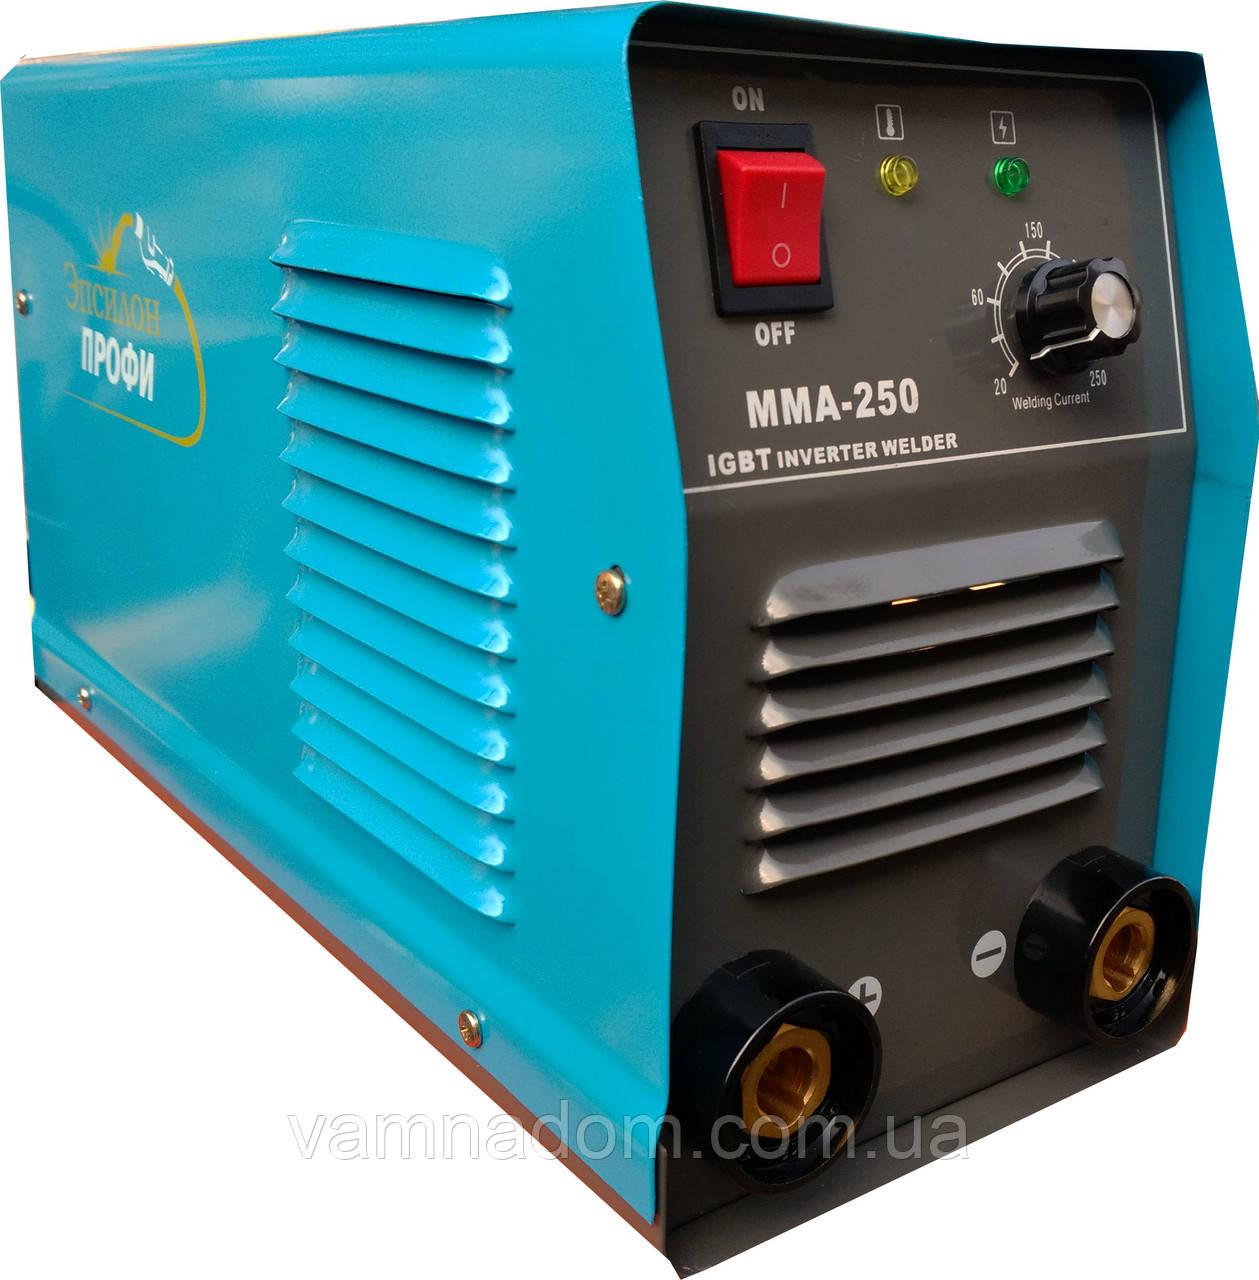 Инверторный сварочный аппарат Эпсилон Профи ММА-250